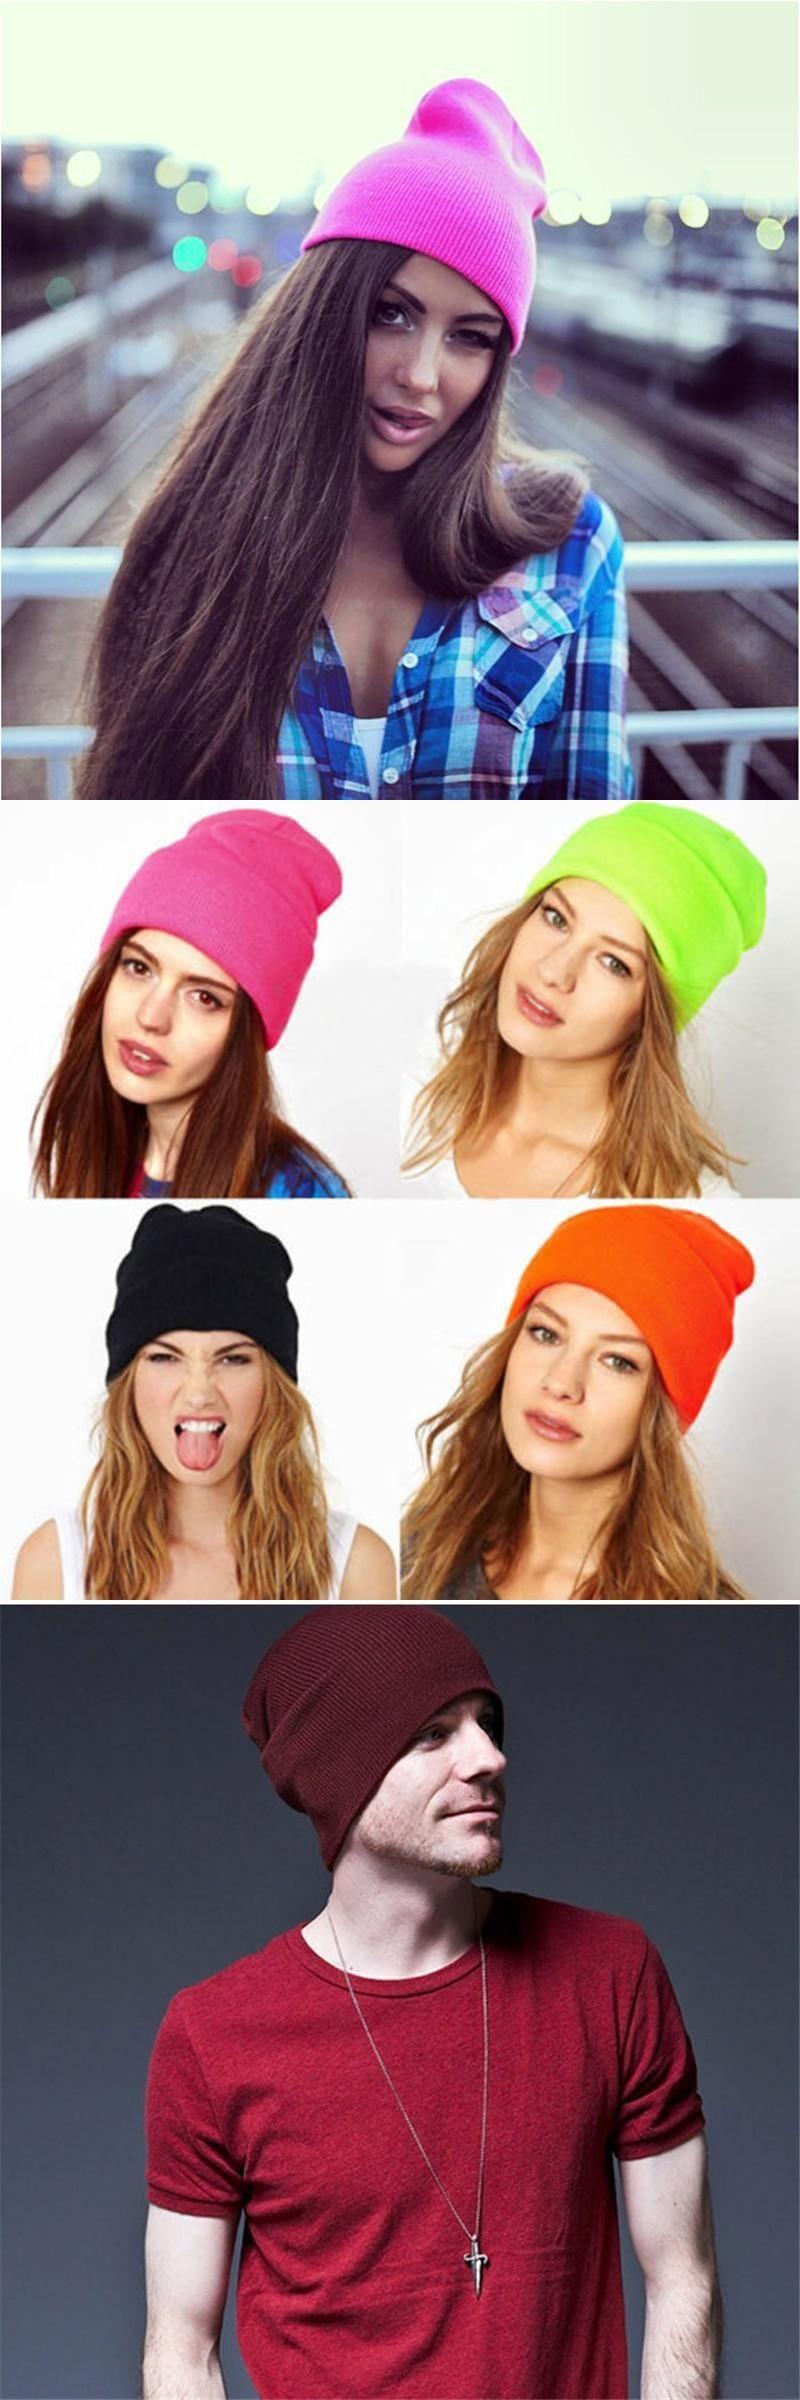 09d91be482d New Fashion Knitted Neon Hip-hop Hat Beanies Women Beanie Girls Autumn  Casual Cap Men